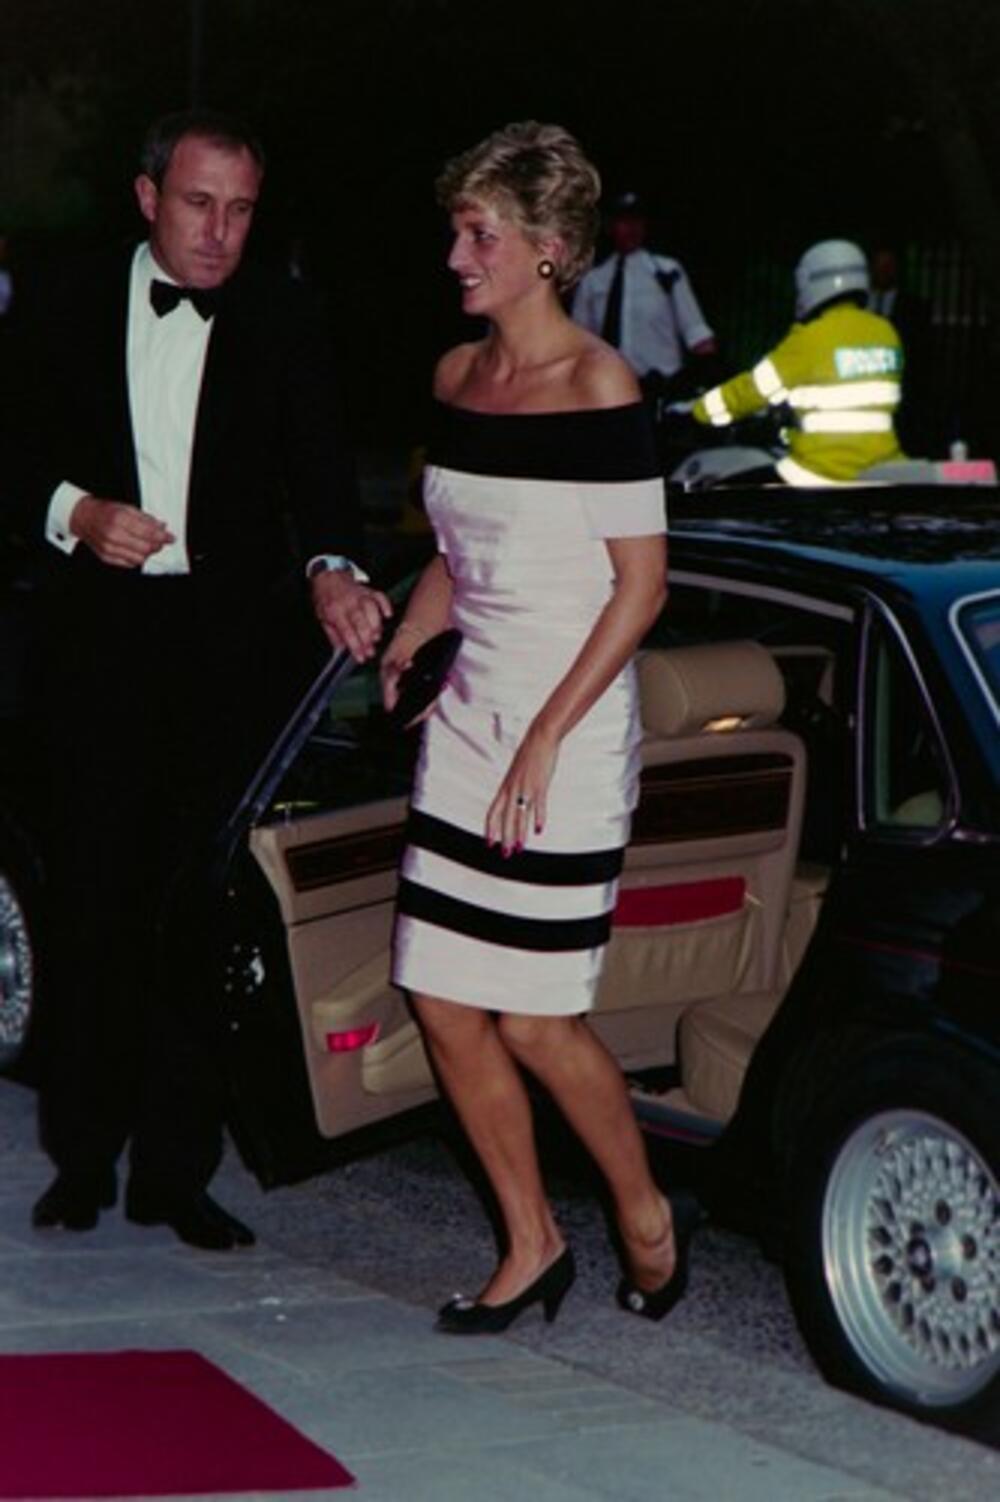 <p>Princeza Dajana i danas je ostala upamćena kao žena koja je pomerala granice mode, ali u pozitivnom smislu. O njenim odevnim kombinacijama i danas se priča</p>